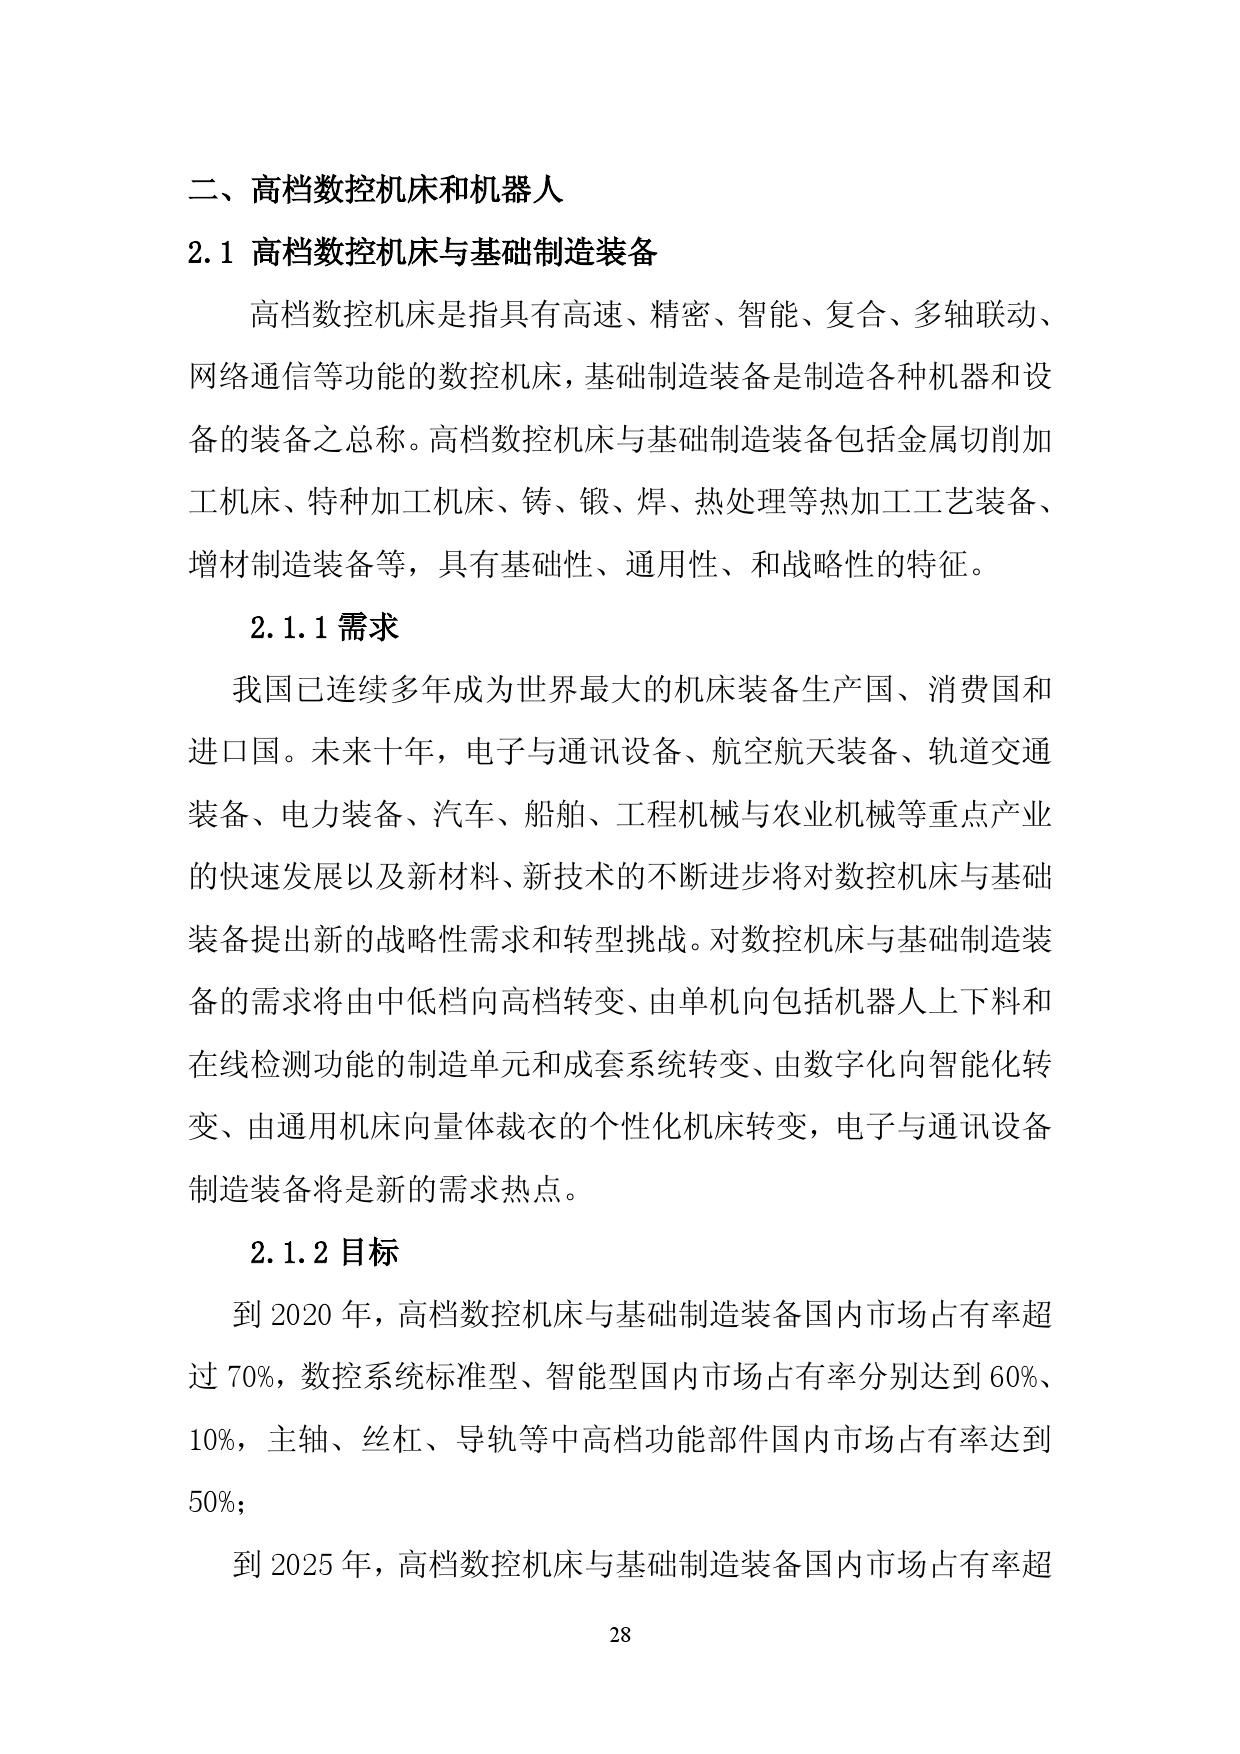 《中国制造 2025》重点领域技术路线图_000034